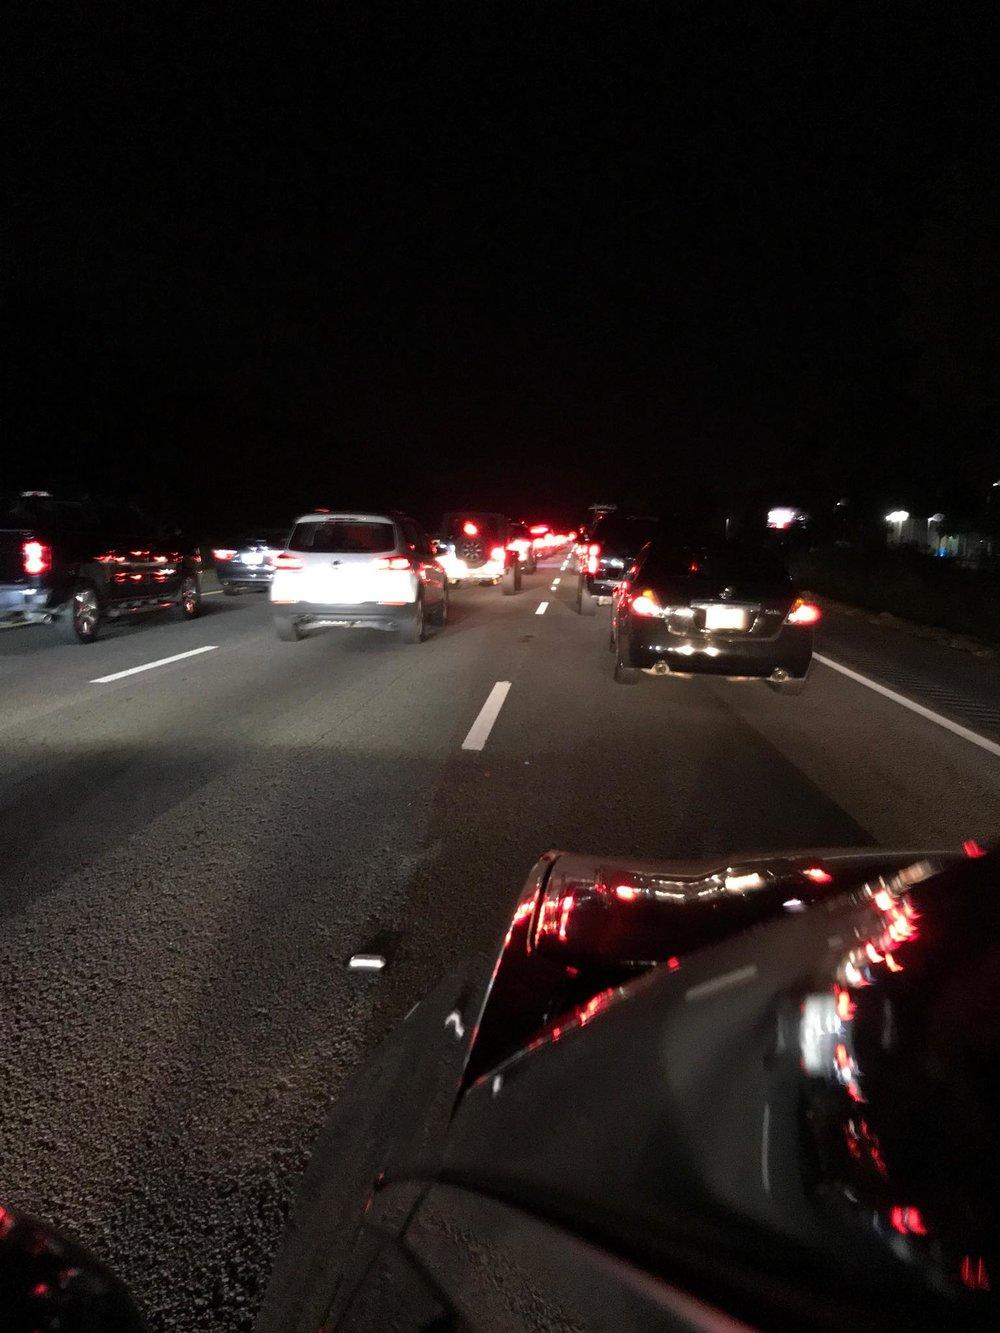 Hurricane Florence Evacuation Traffic I-26 10 miles outside of Charleston, SC